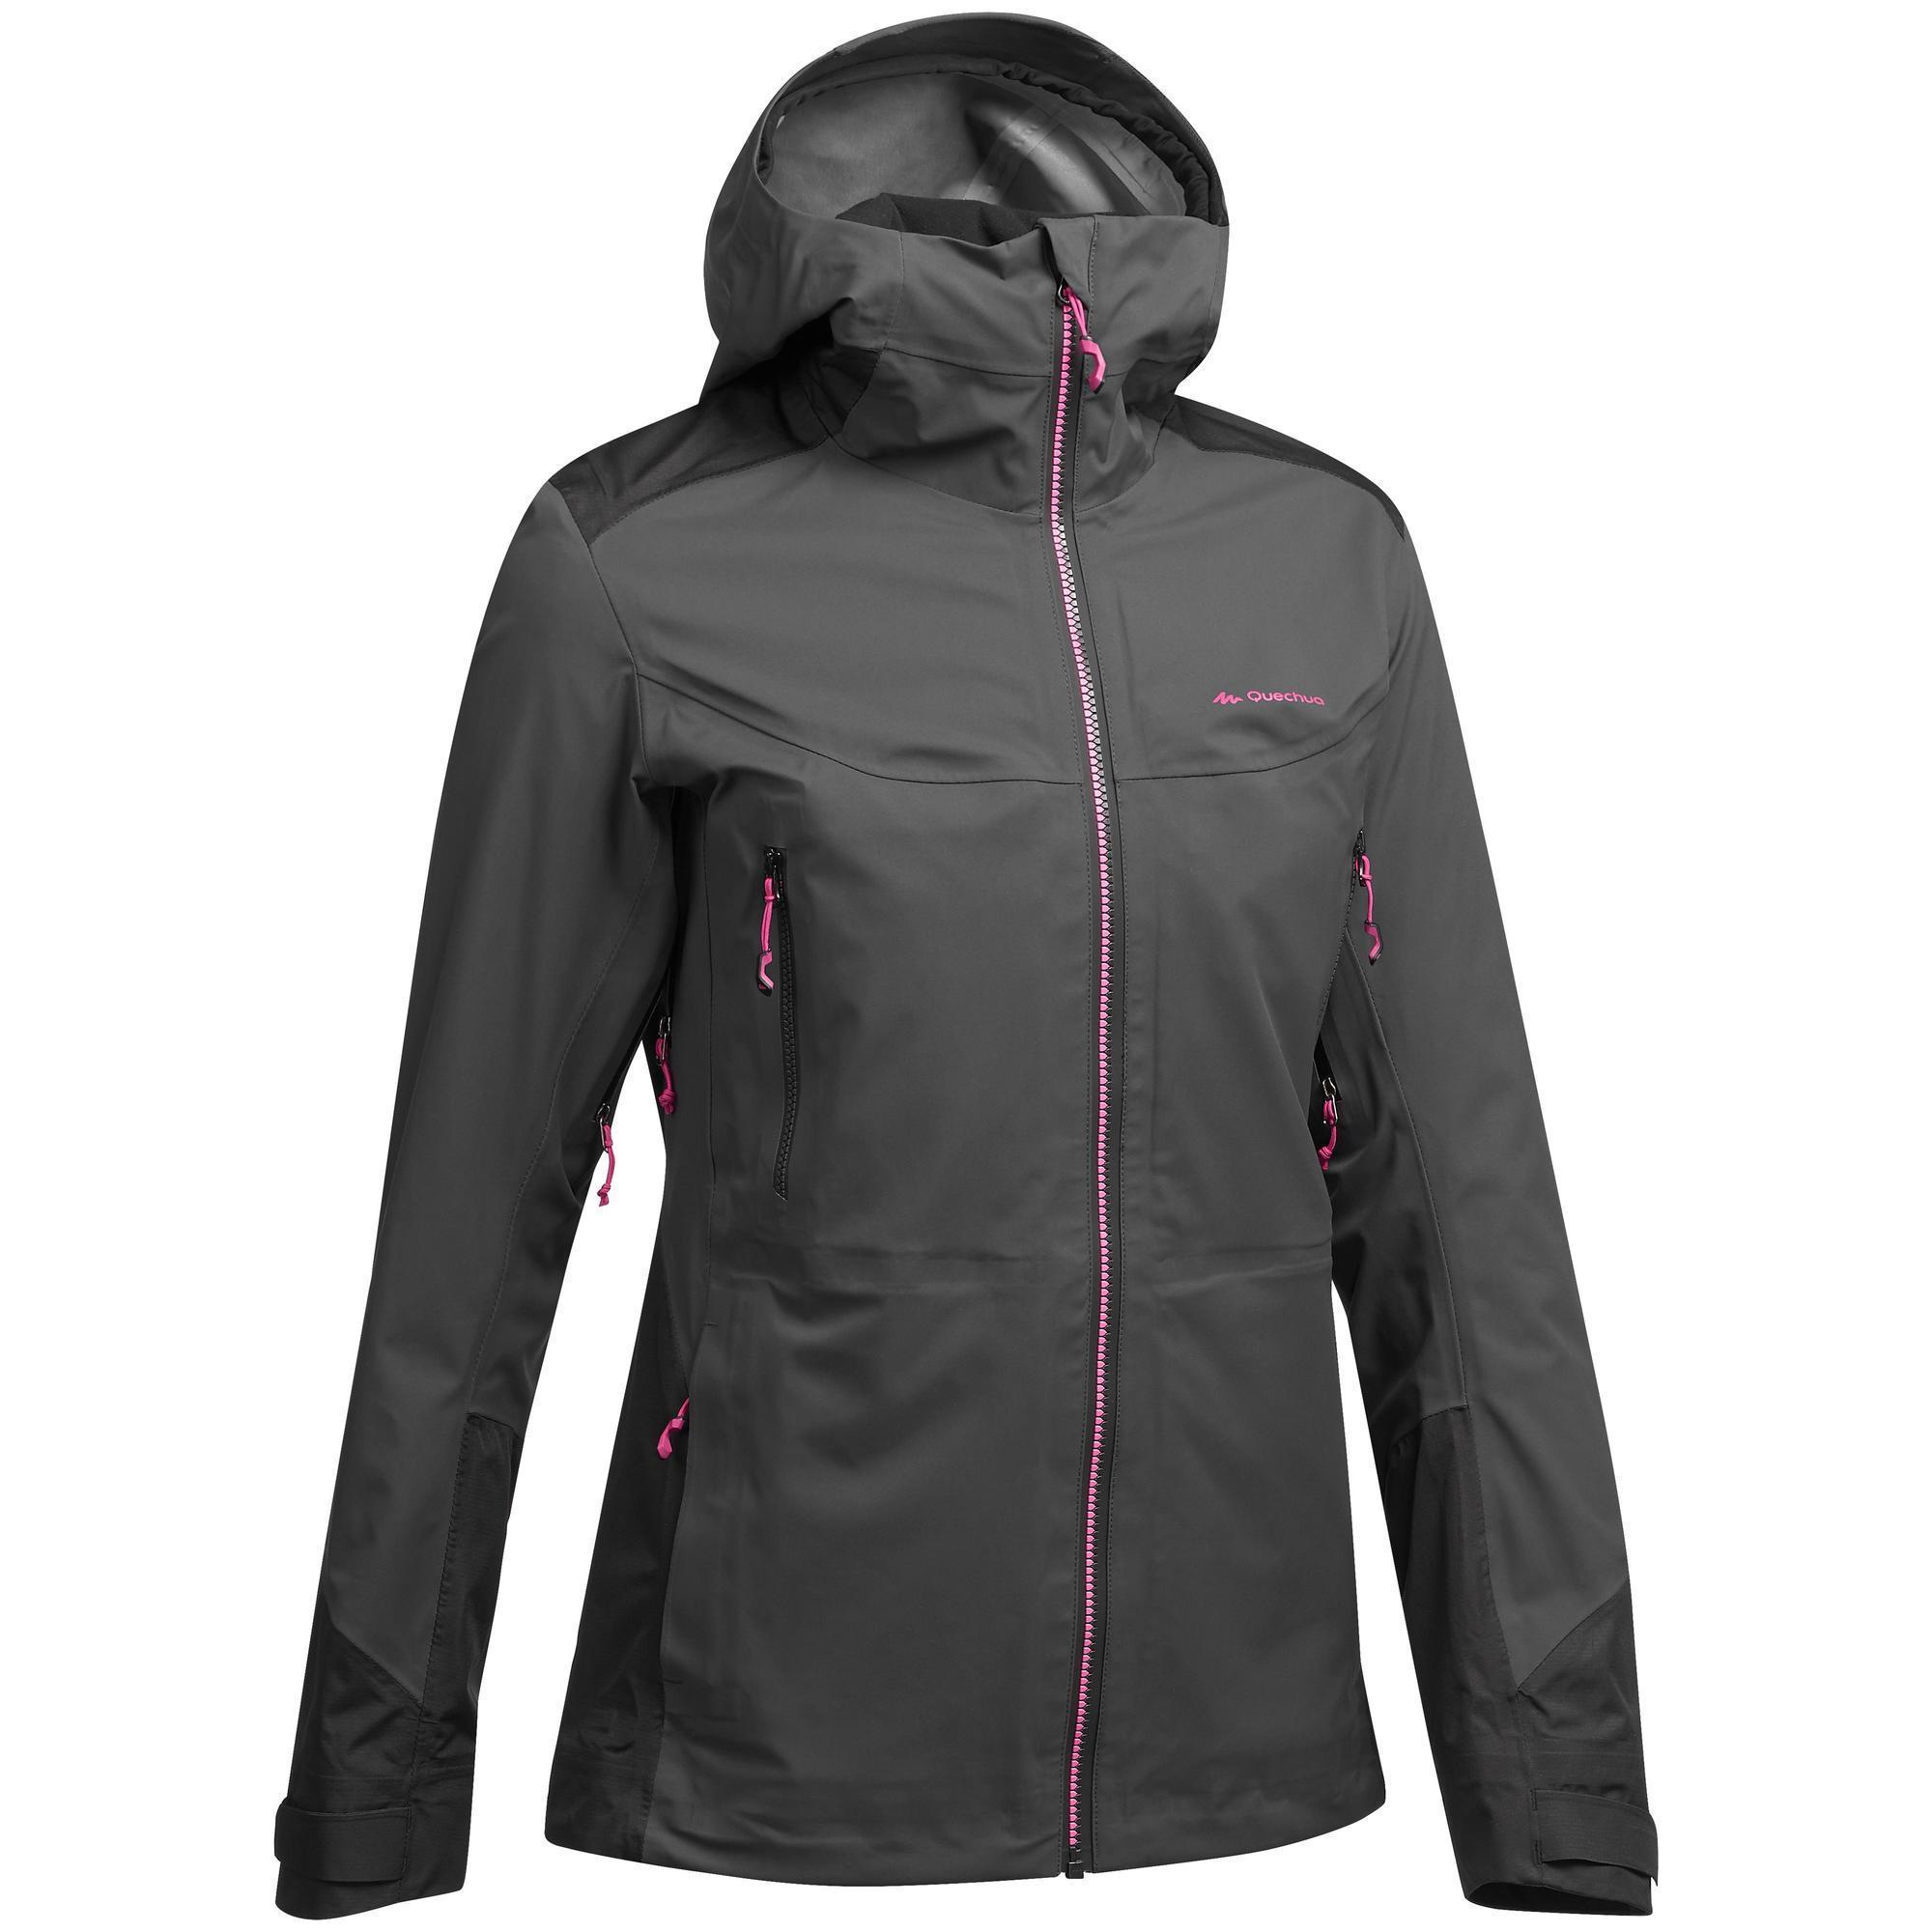 Wanderjacke Bergwandern MH900 wasserdicht Damen | Sportbekleidung > Sportjacken > Outdoorjacken | Quechua